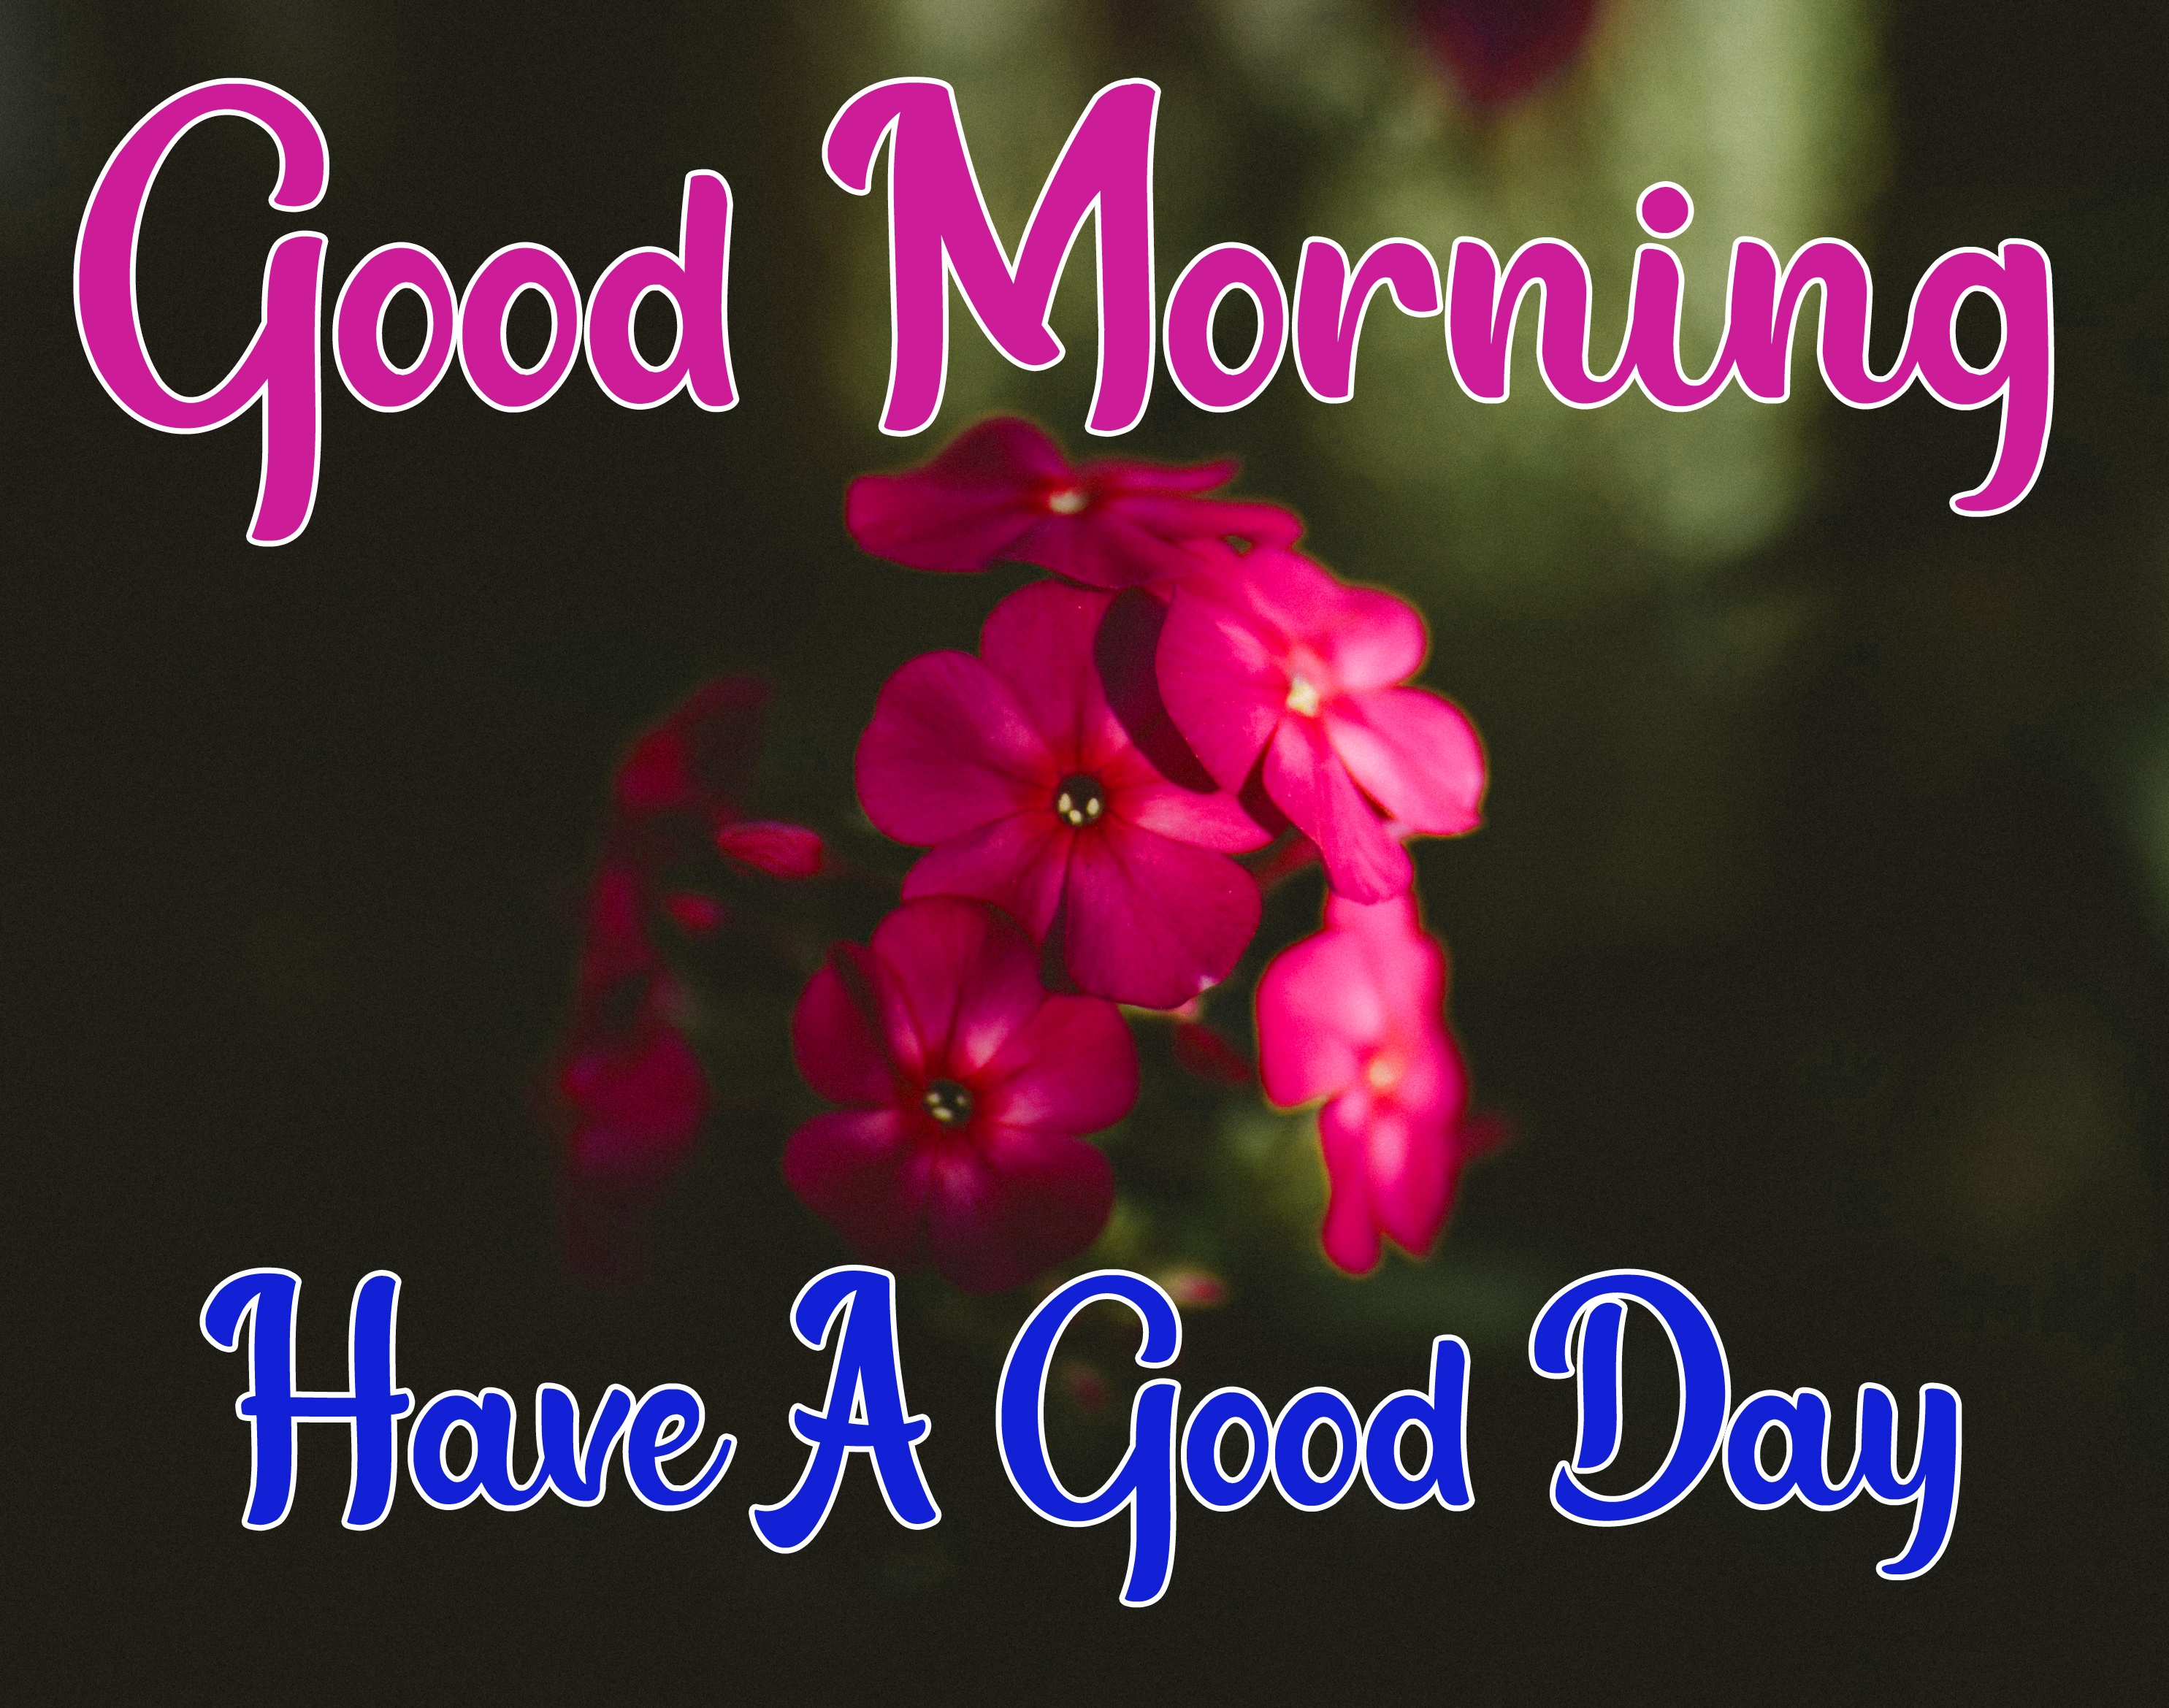 Special Good Morning Wallpaper 15